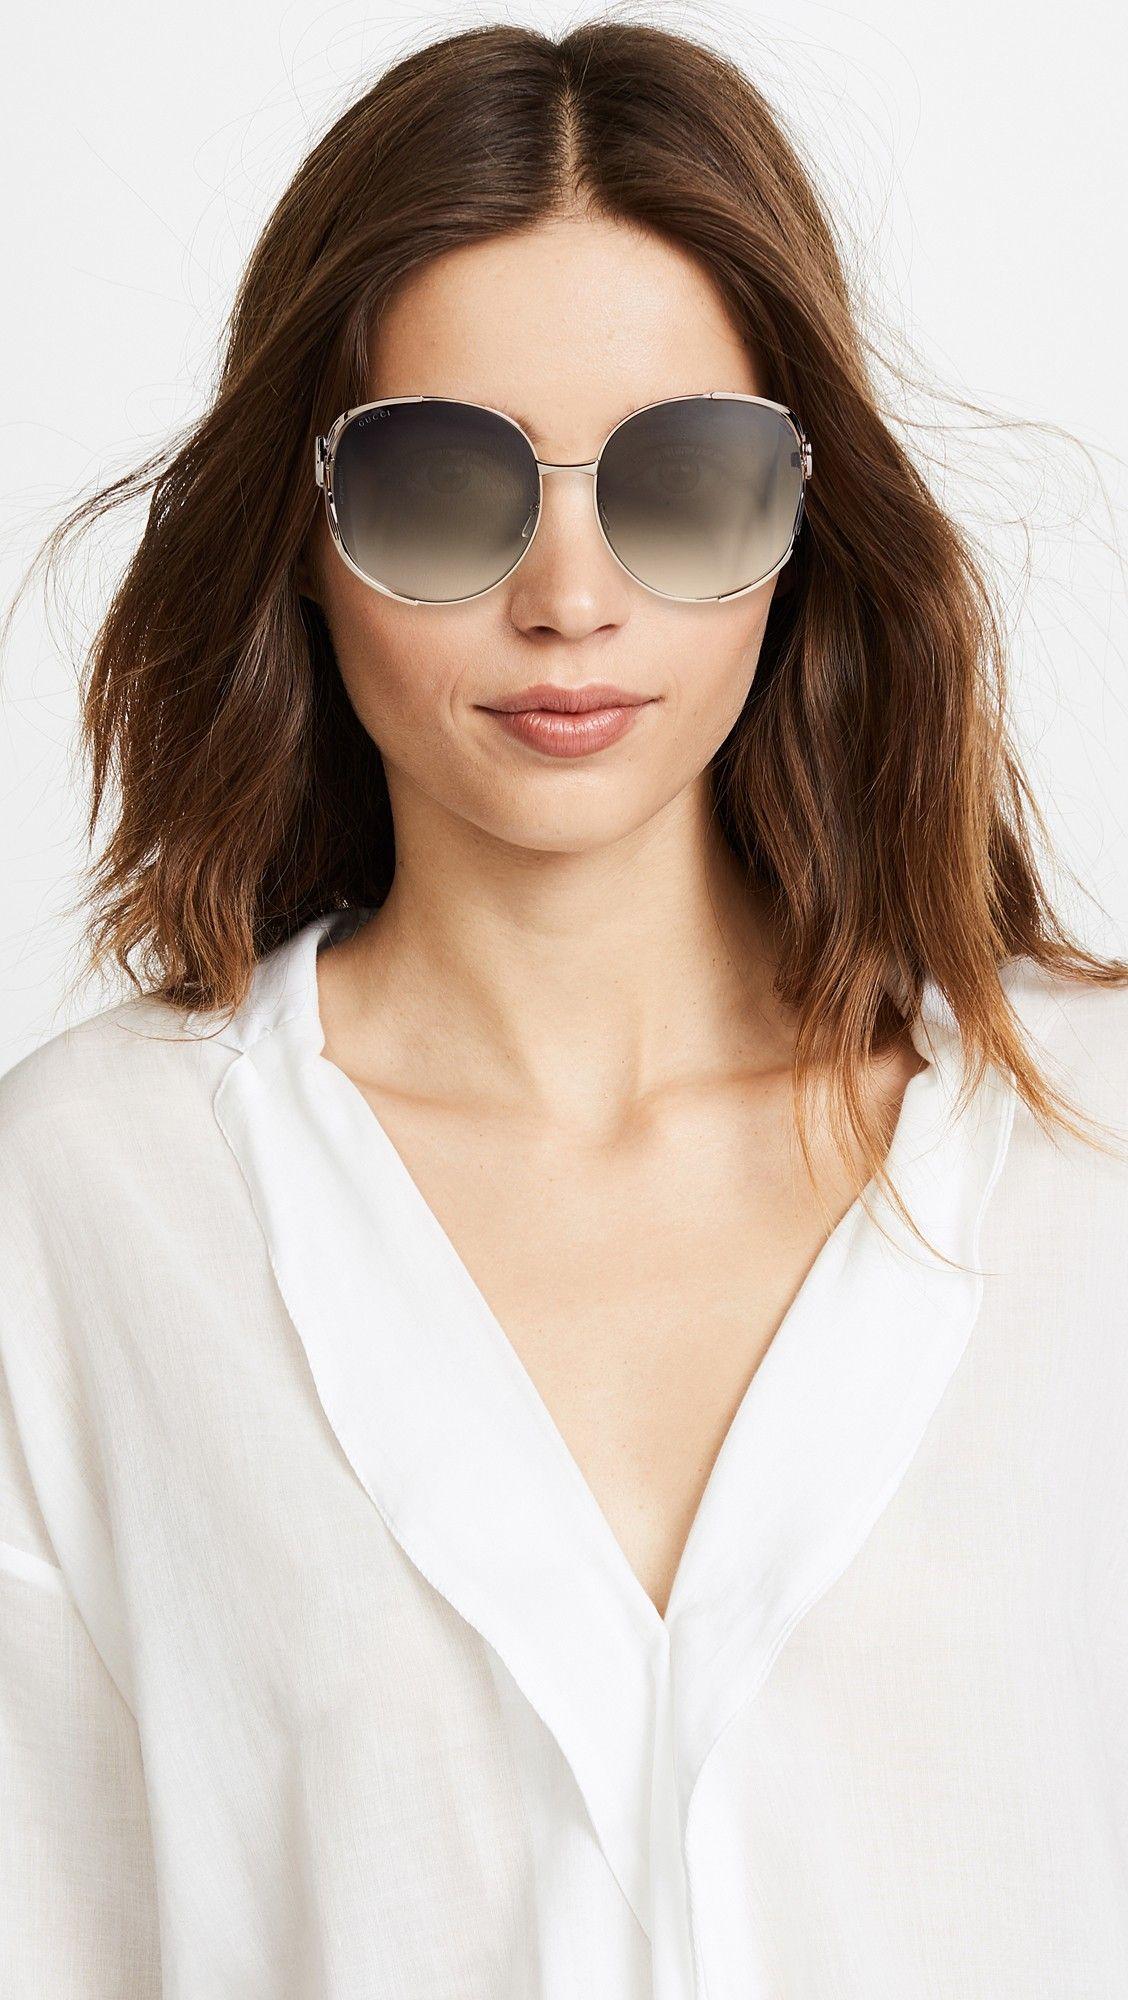 ab9a09cdf685 Gucci Urban Folk Oval Sunglasses